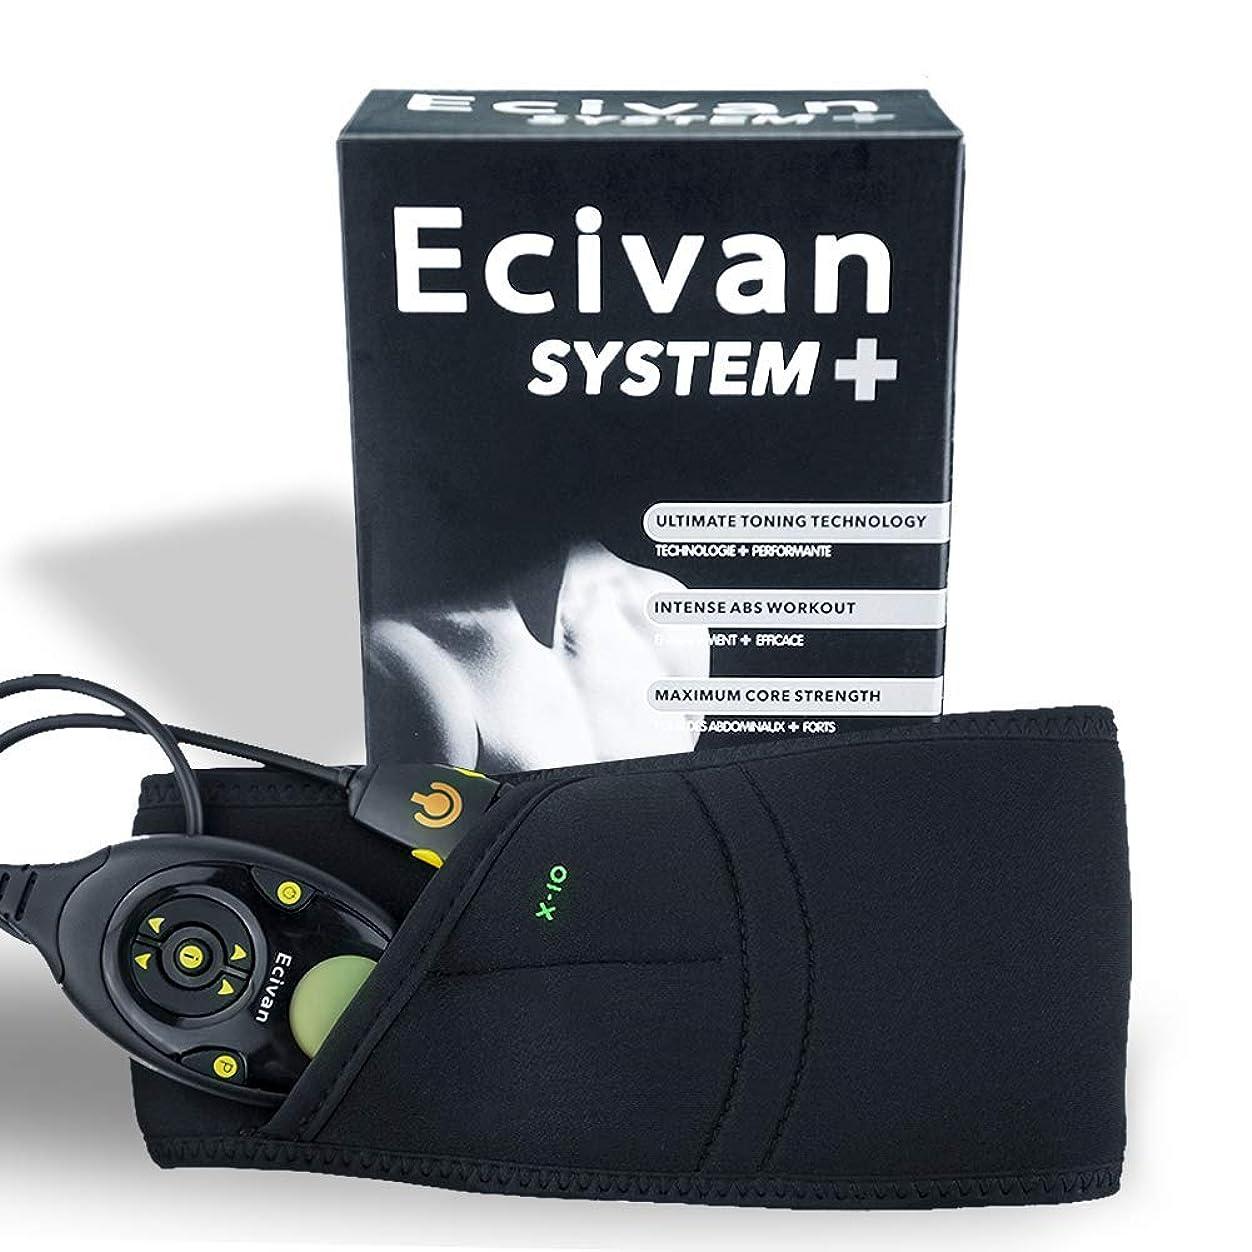 コミュニケーション肌寒い胚芽Ecivan EMS 腹筋ベルトボディフィットスリム トレーニング 電気振動マッサージ 痩身マシン 電動器具腹巻き USB充電 150階段